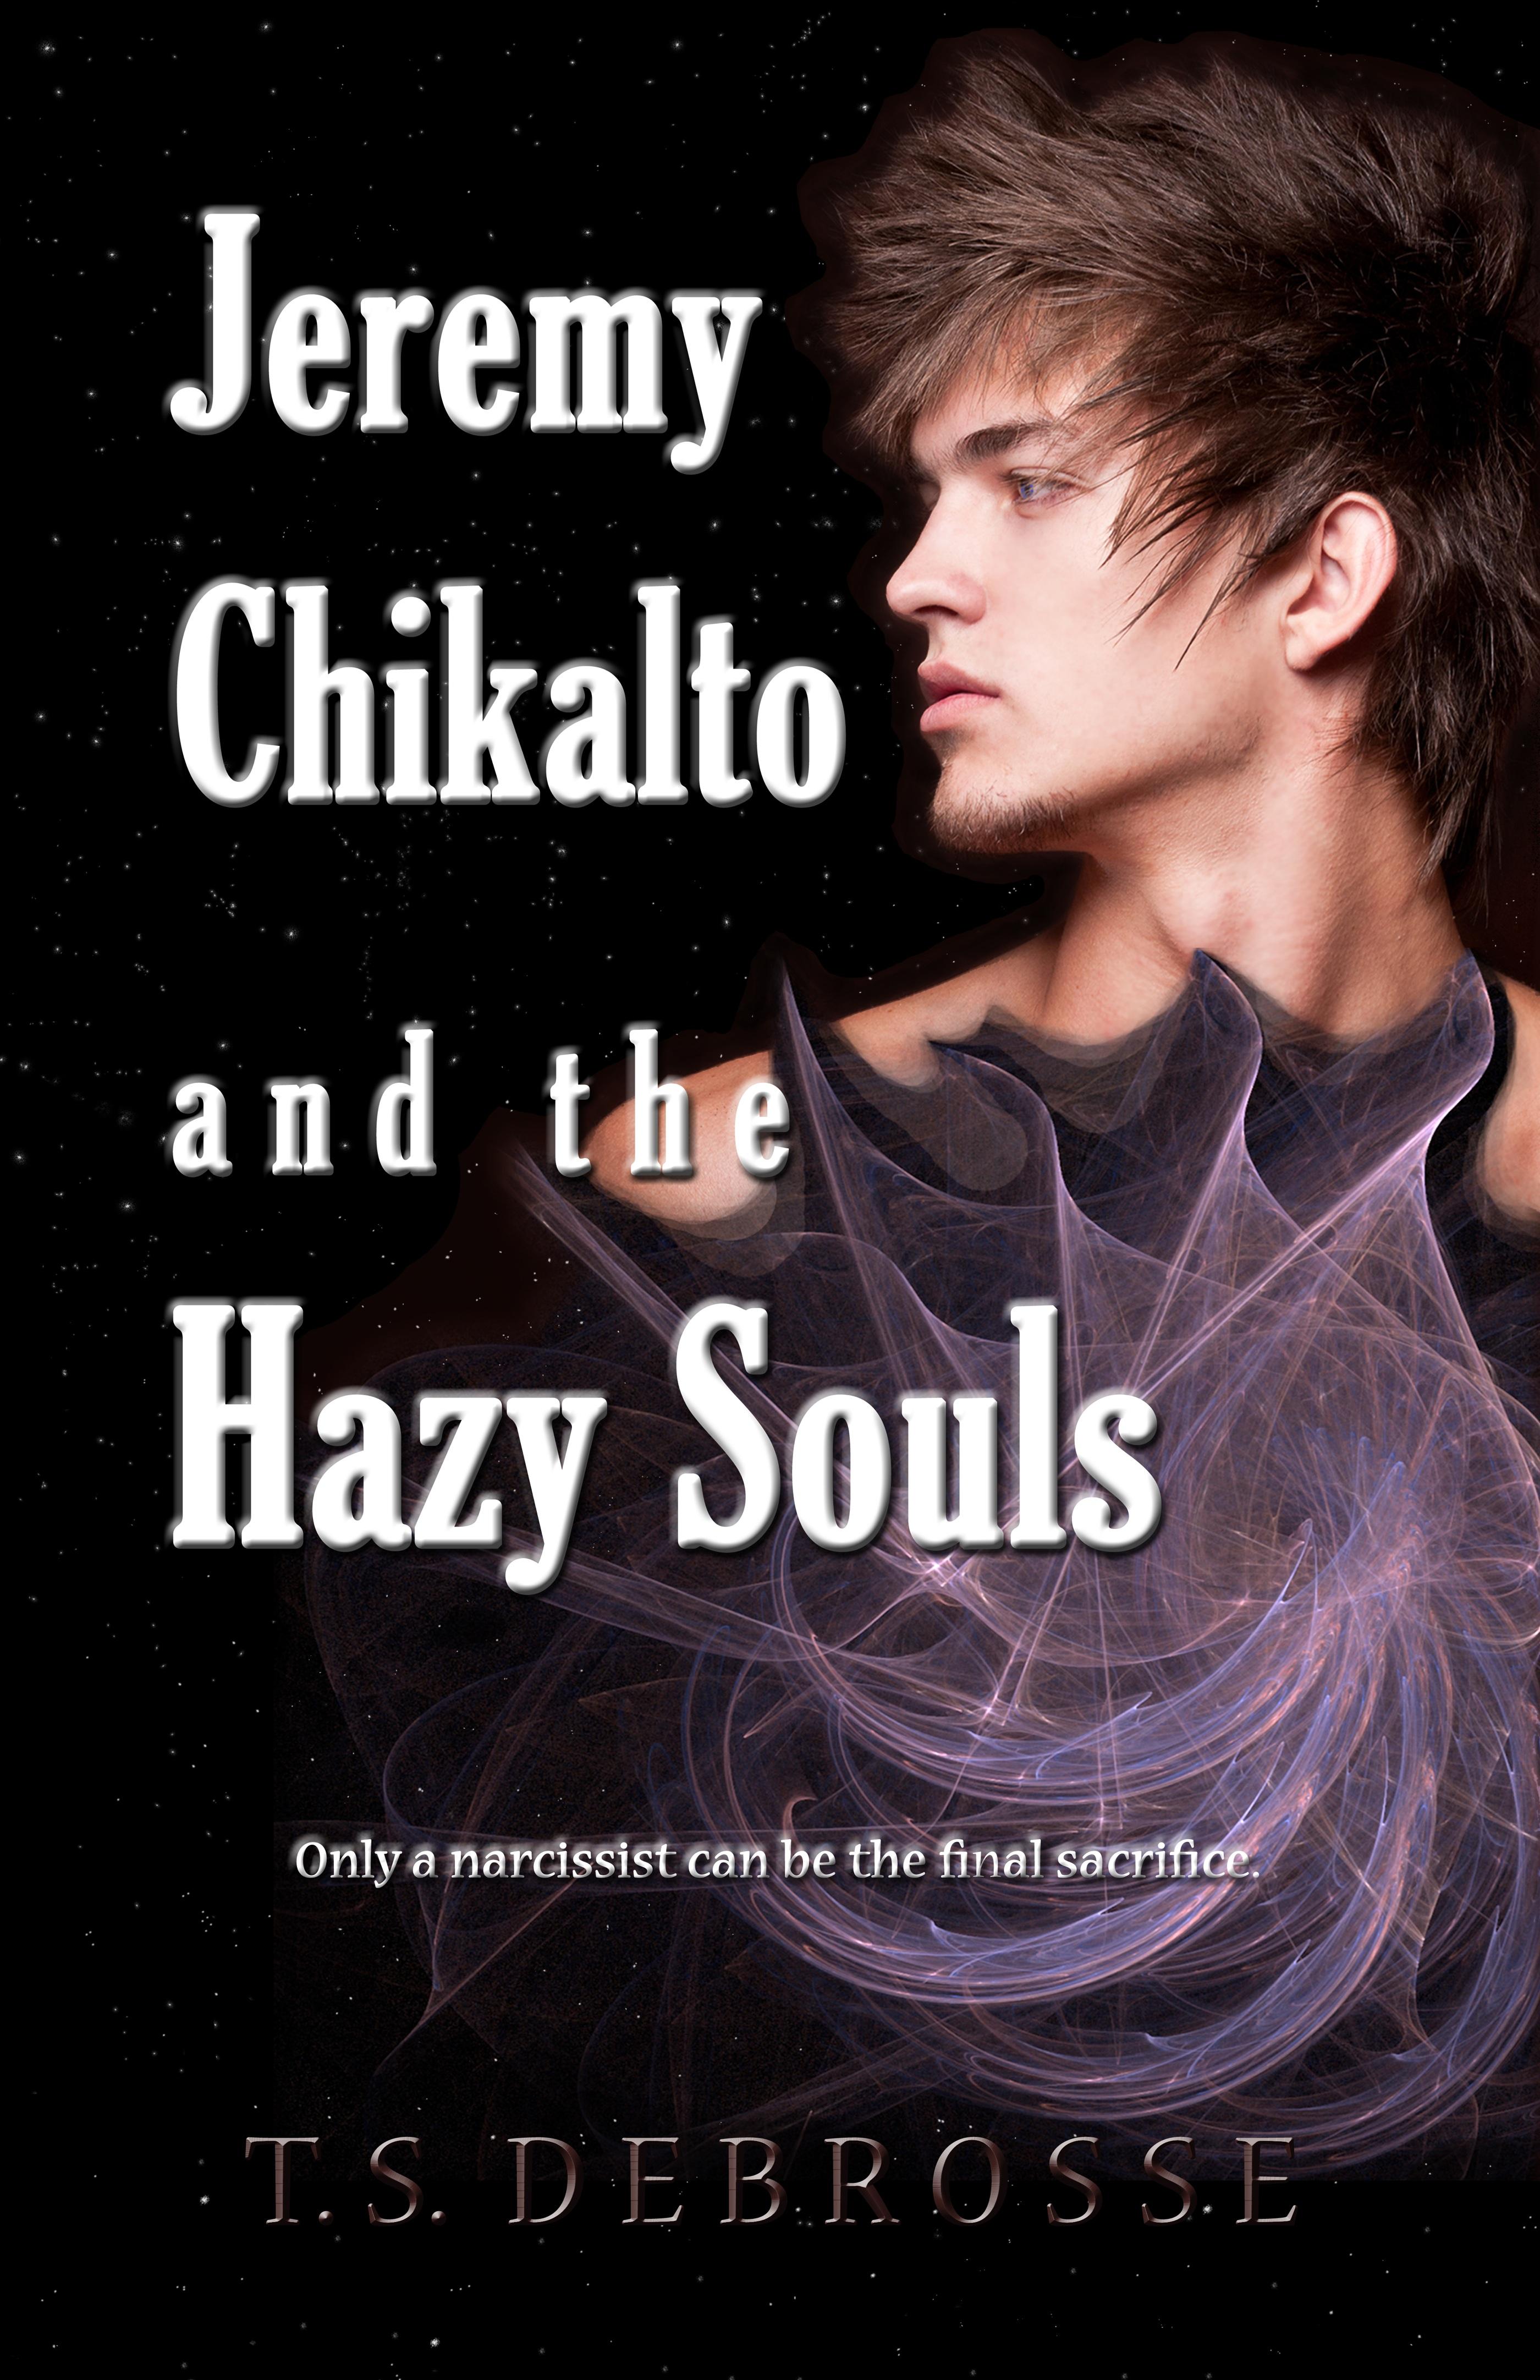 Jeremy Chikalto and the Hazy Souls